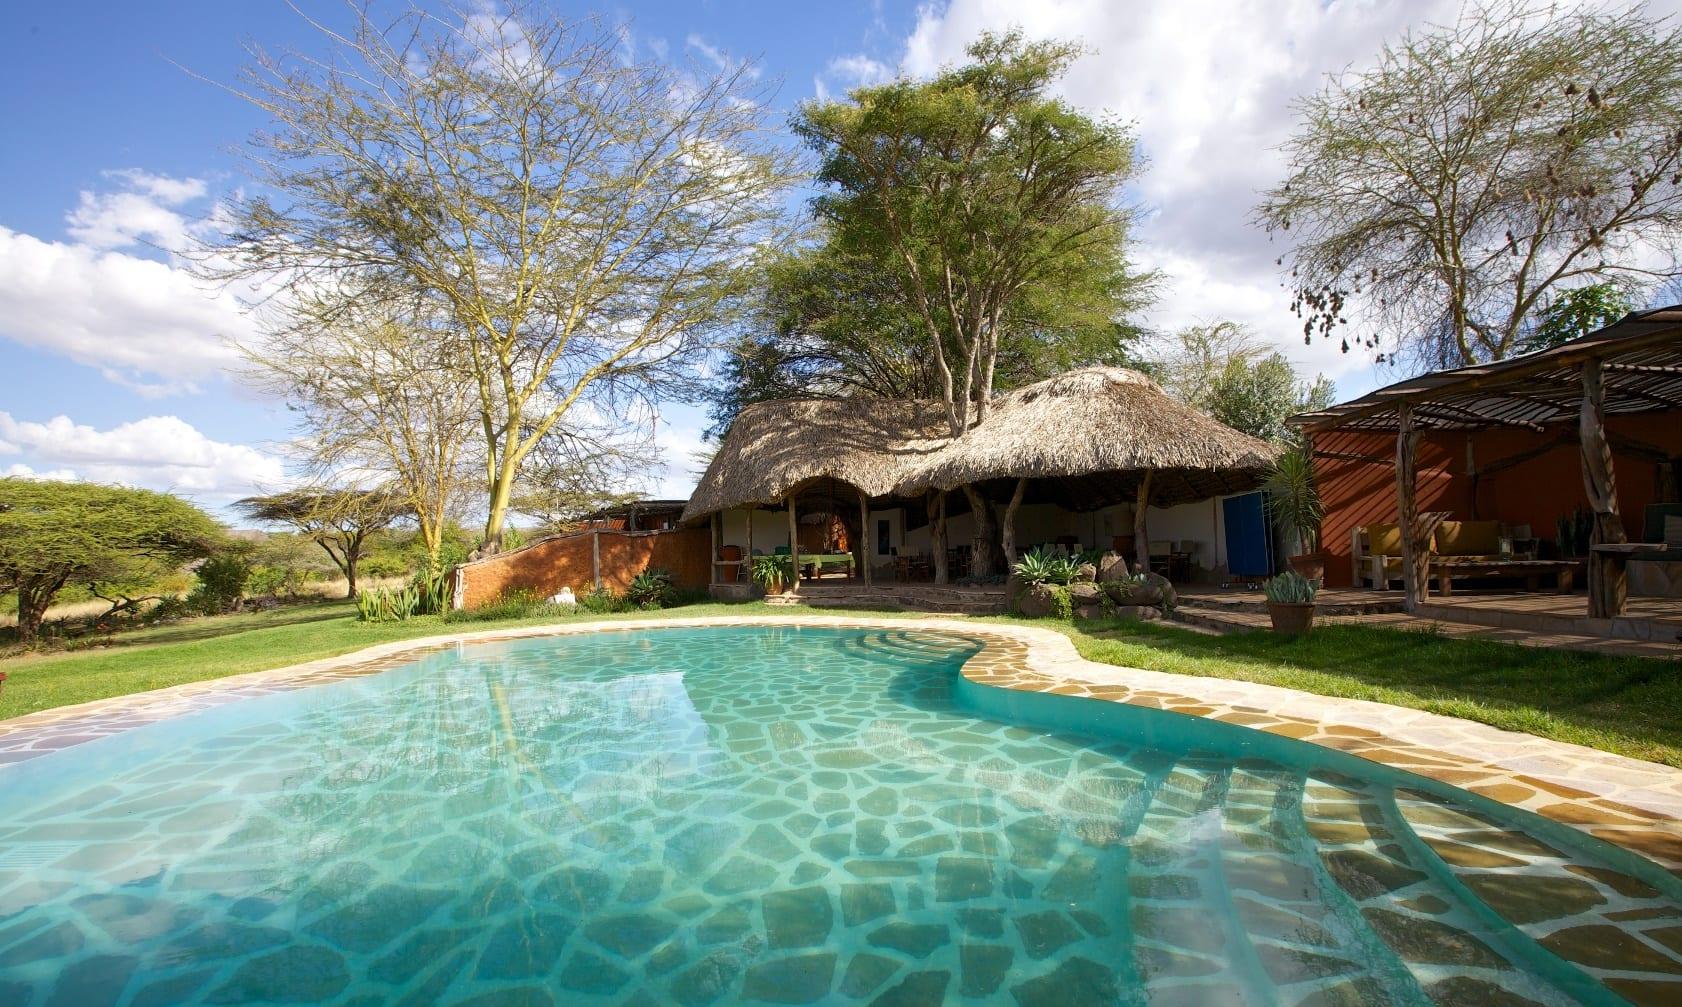 Elewana Lewa Safari Camp Pool Area